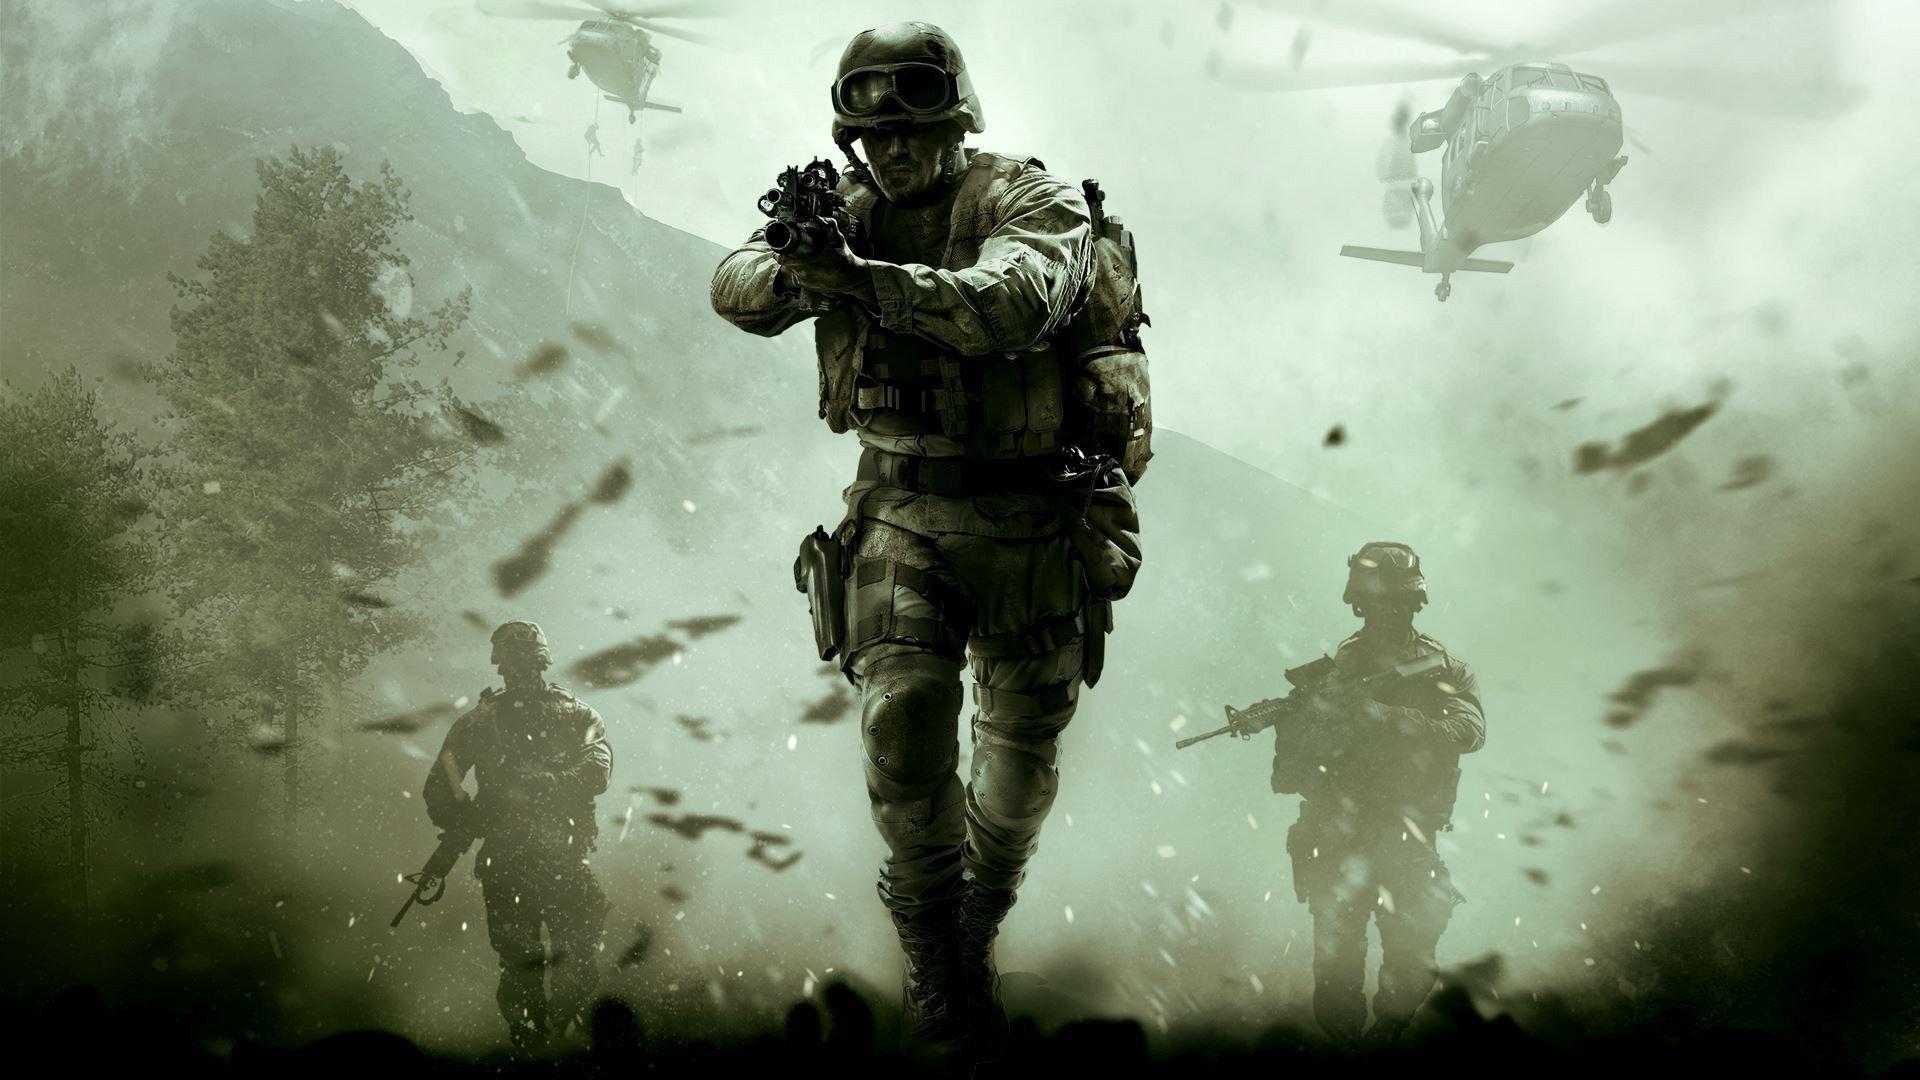 СМИ новая игра серии CoD будет на движке Modern Warfare